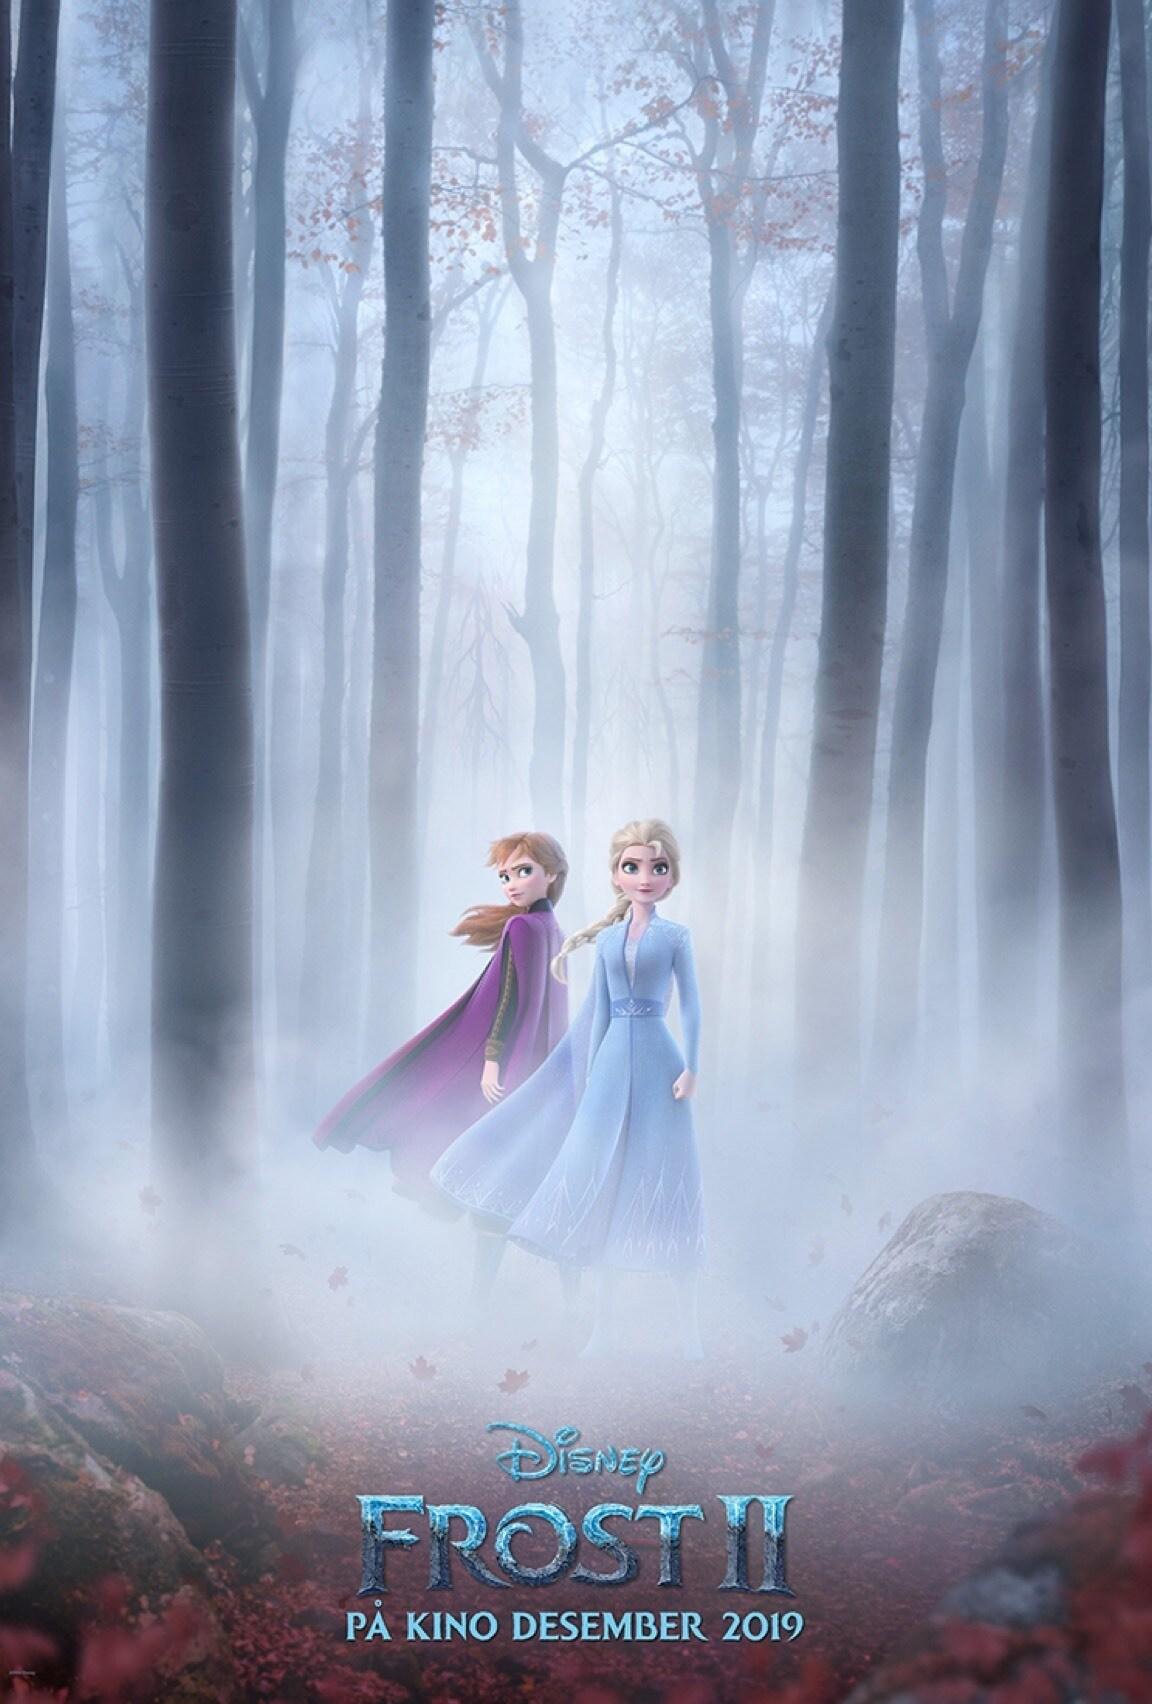 Elsa og Anna stående i en skog, omringet av tåke